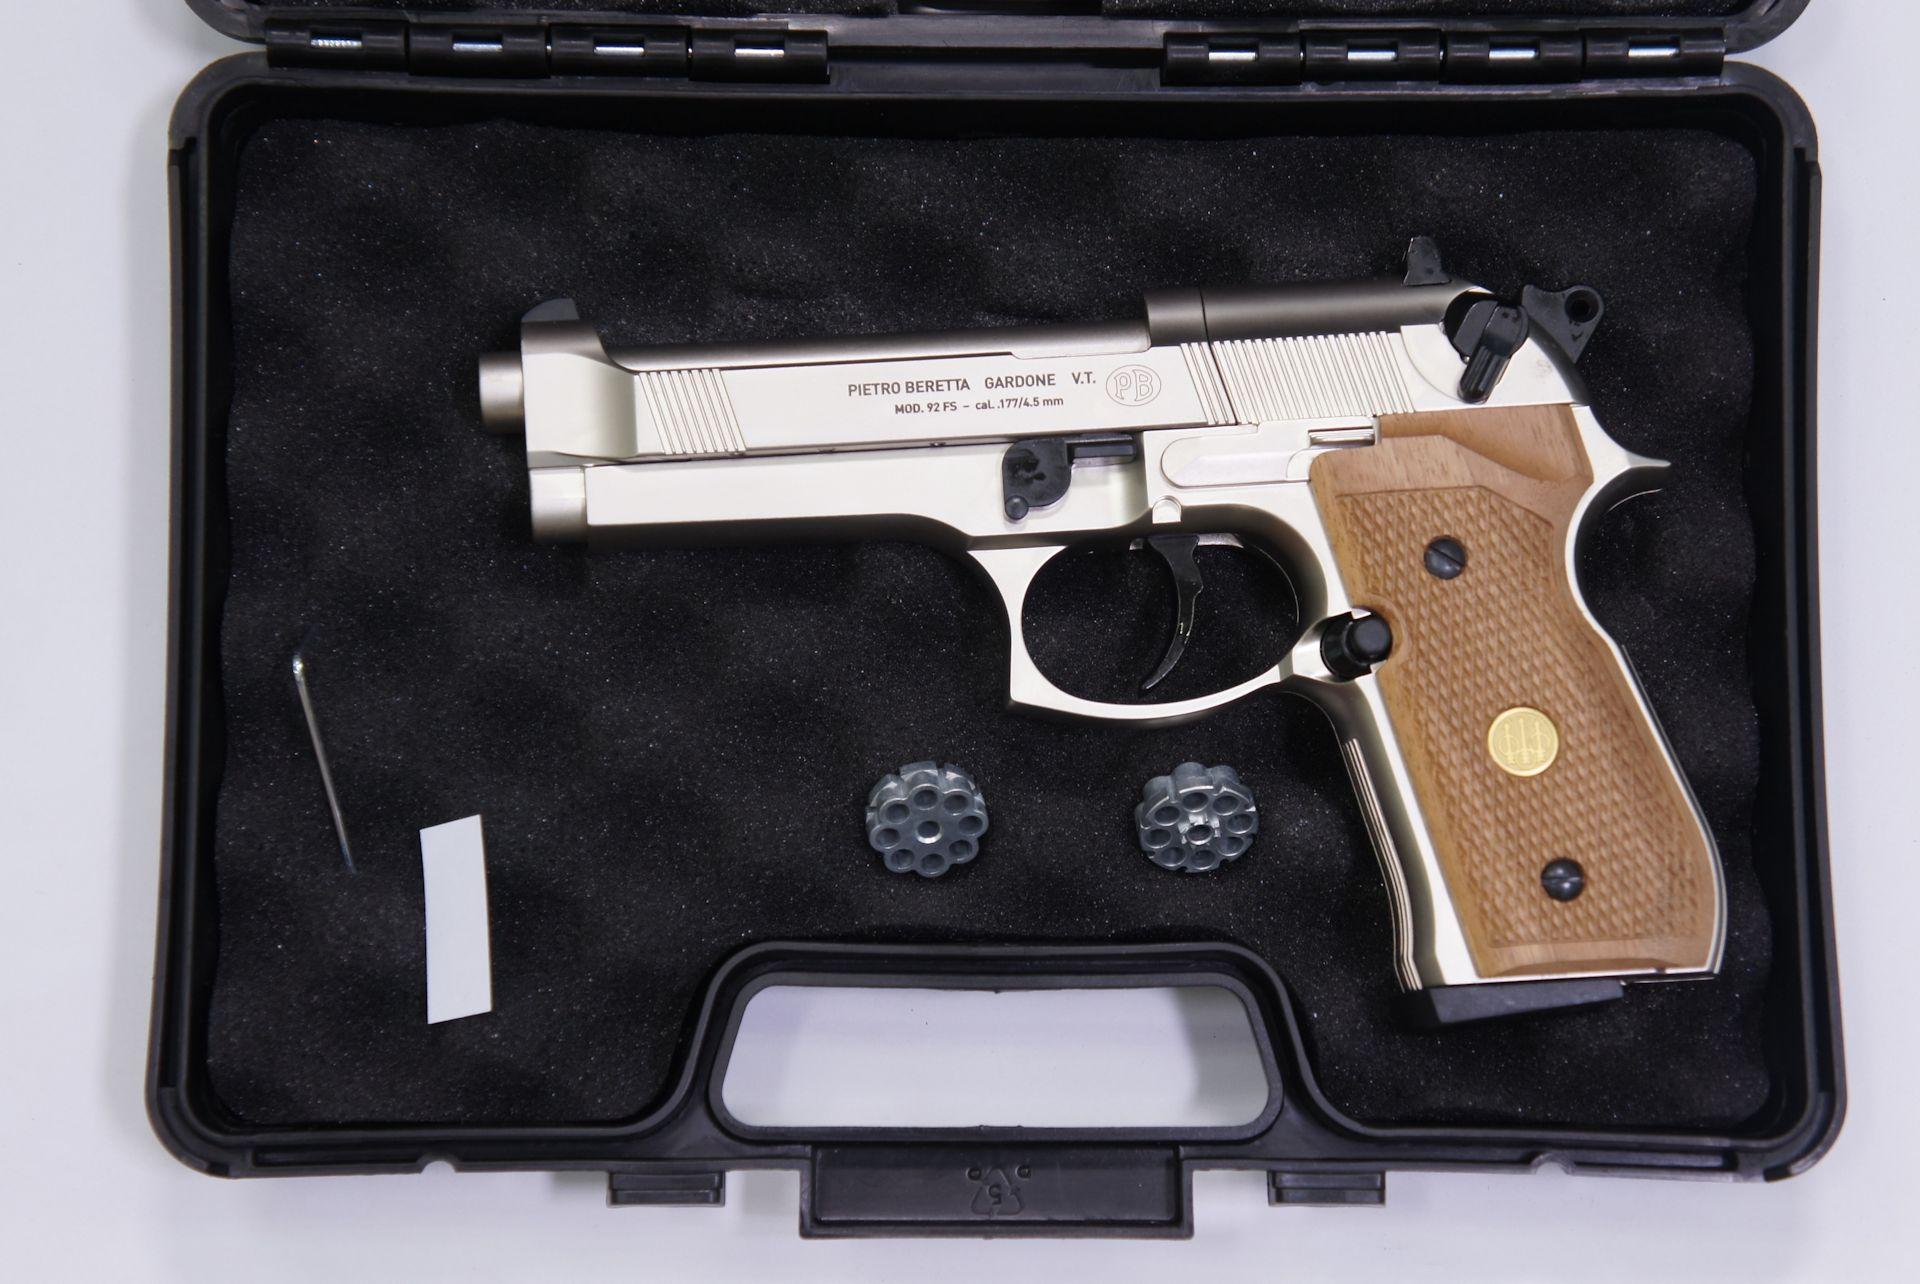 In Ihrem wertigen Transportkoffer wird die CO2- Pistole Beretta 92FS gut geschützt.